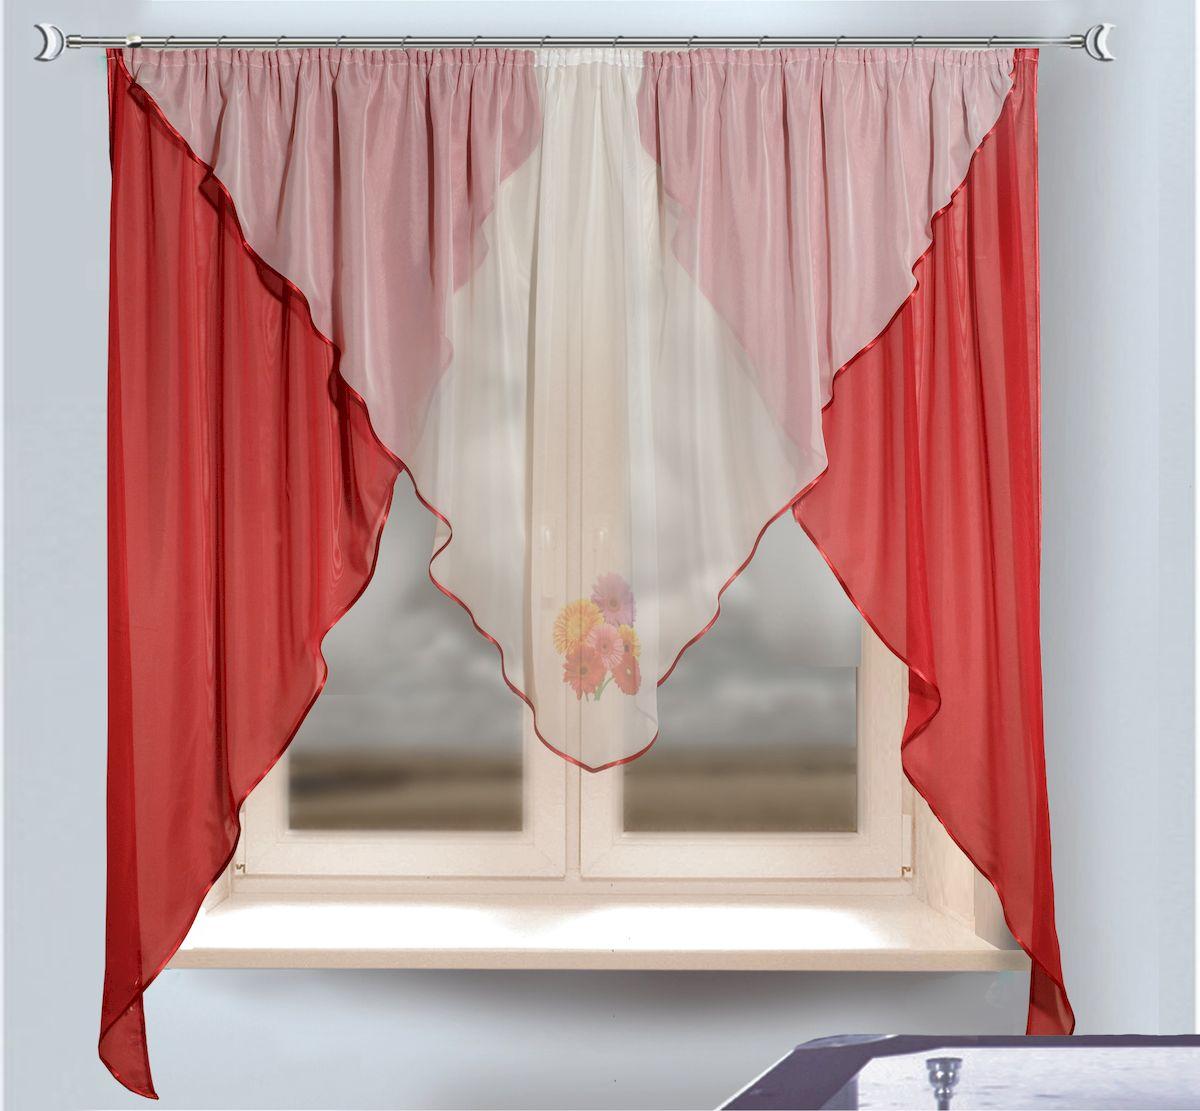 Комплект штор для кухни Zlata Korunka, на ленте, цвет: бордовый, белый, высота 170 см. 333339956251325Комплект штор для кухни Zlata Korunka, выполненный из полиэстера, великолепно украсит любое окно. Комплект состоит из тюля, ламбрекена и двух штор. Оригинальный крой и приятная цветовая гамма привлекут к себе внимание и органично впишутся в интерьер помещения. Этот комплект будет долгое время радовать вас и вашу семью!Комплект крепится на карниз при помощи ленты, которая поможет красиво и равномерно задрапировать верх.В комплект входит: Ламбрекен: 1 шт. Размер (Ш х В): 280 х 115 см. Тюль: 1 шт. Размер (Ш х В): 280 х 170 см.Штора: 2 шт. Размер (Ш х В): 130 х 170 см.